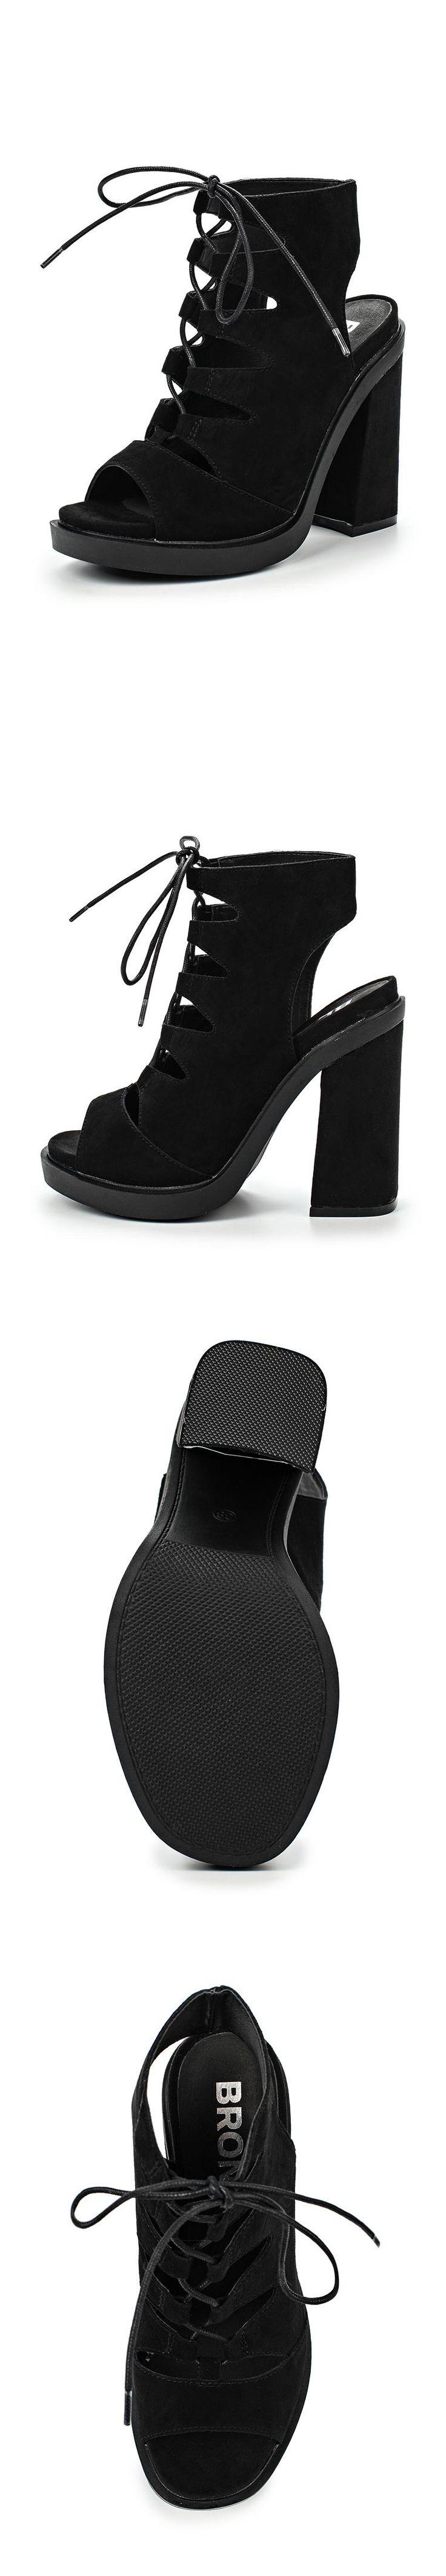 Женская обувь босоножки Bronx за 6500.00 руб.